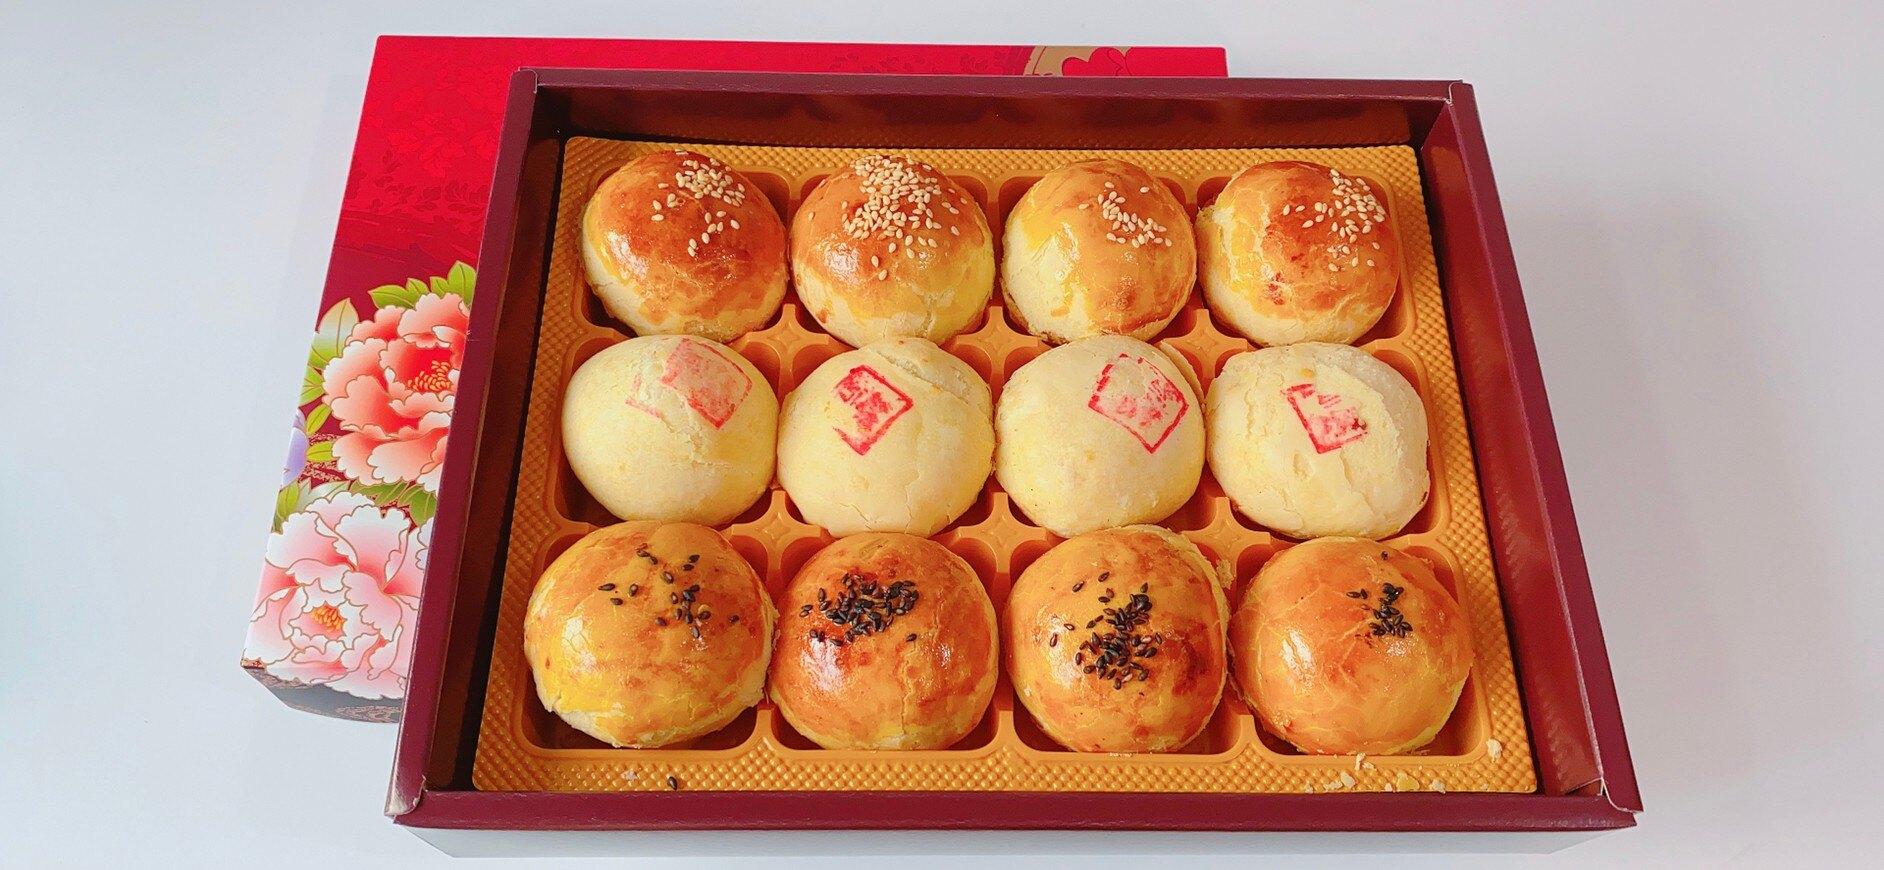 素 蛋黃酥綠豆椪綜合禮盒 伴手禮 蛋奶素 一盒12入